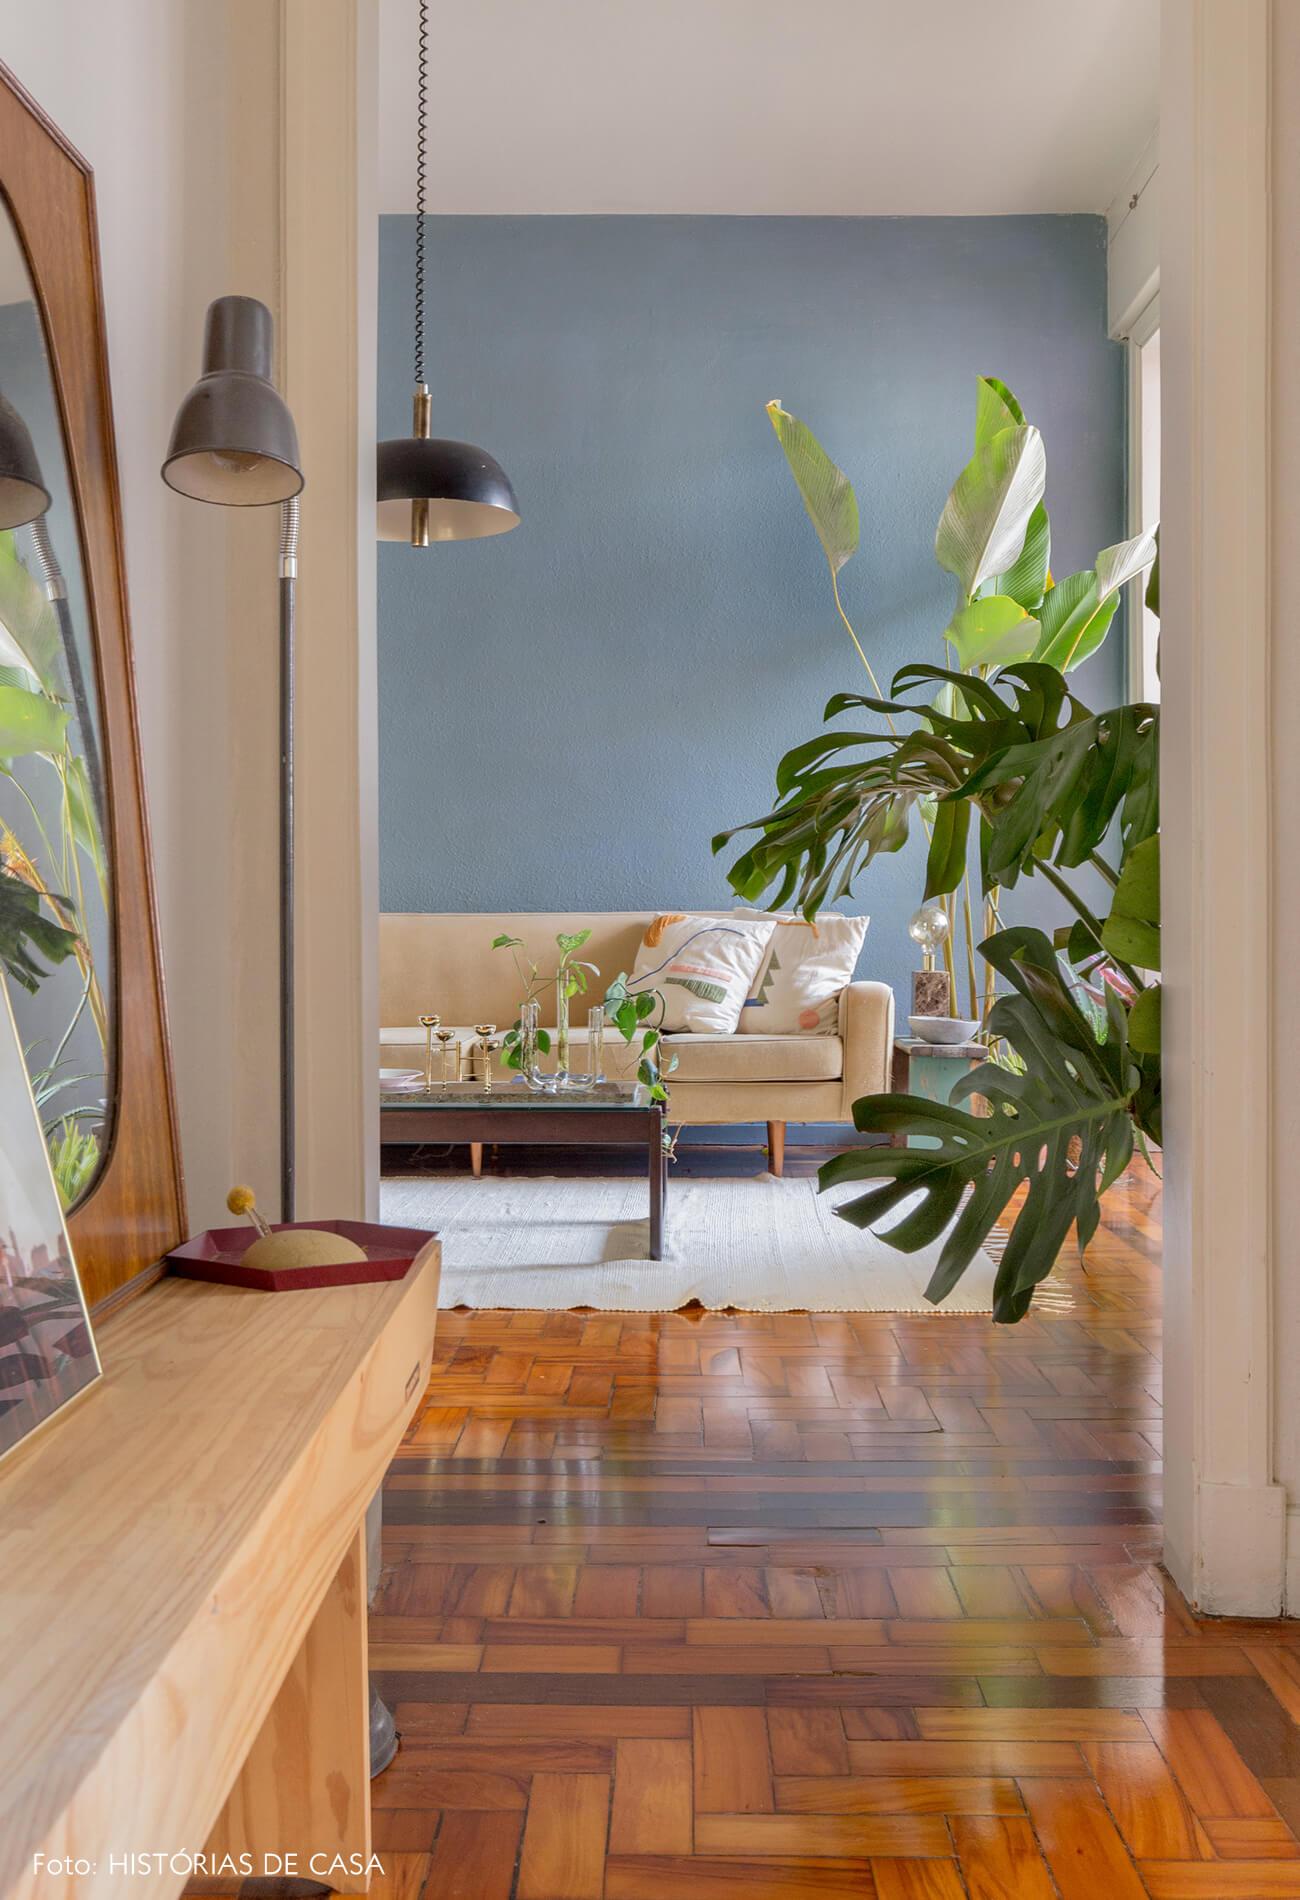 corredor para sala om parede azl piso de madeira e plantas